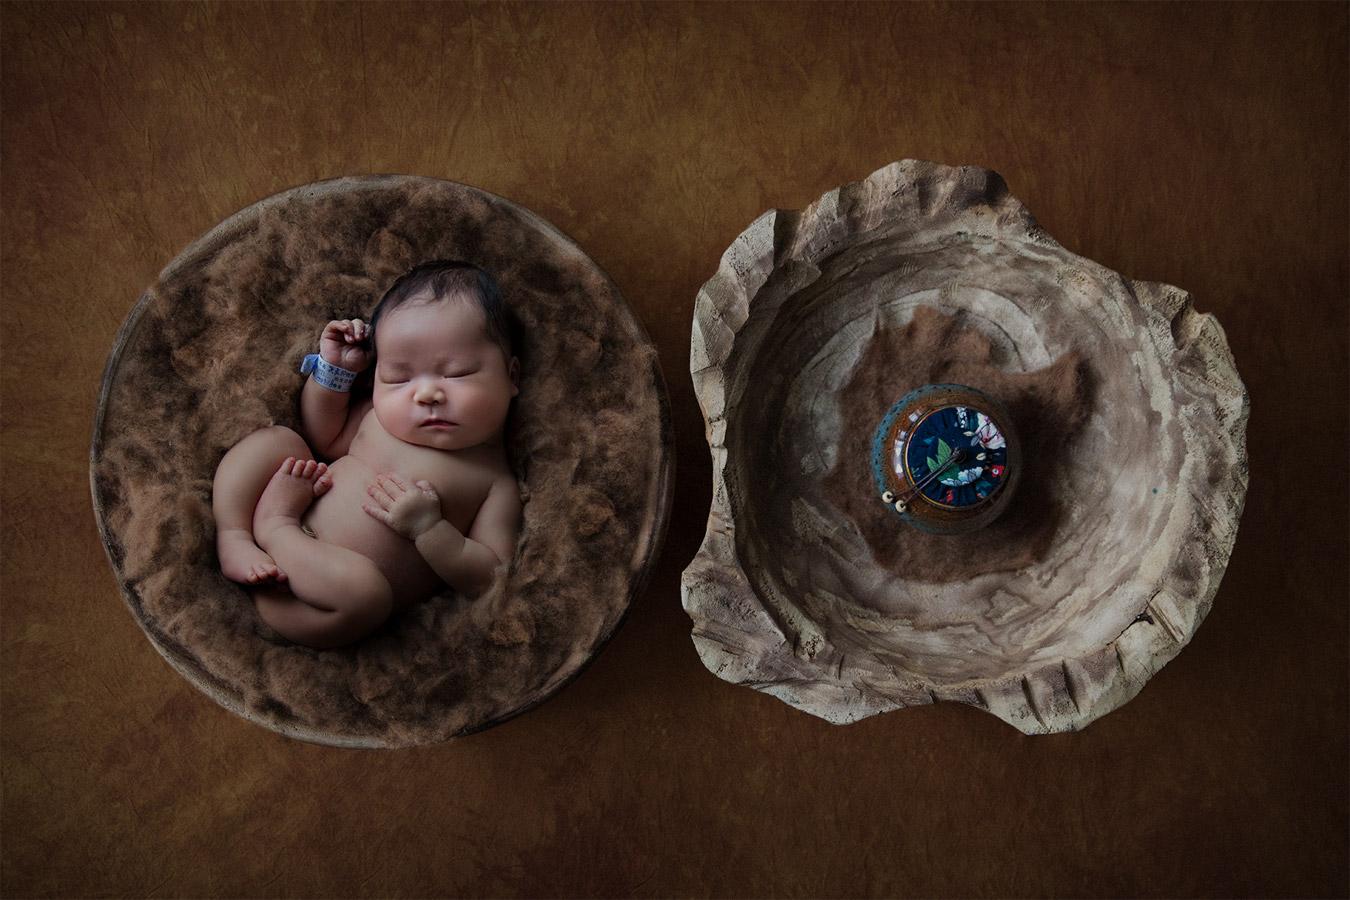 Келли Браун / Kelly Brown, Первое место в категории «Портрет — Новорожденный», Фотоконкурс WPPI Annual Print Competition